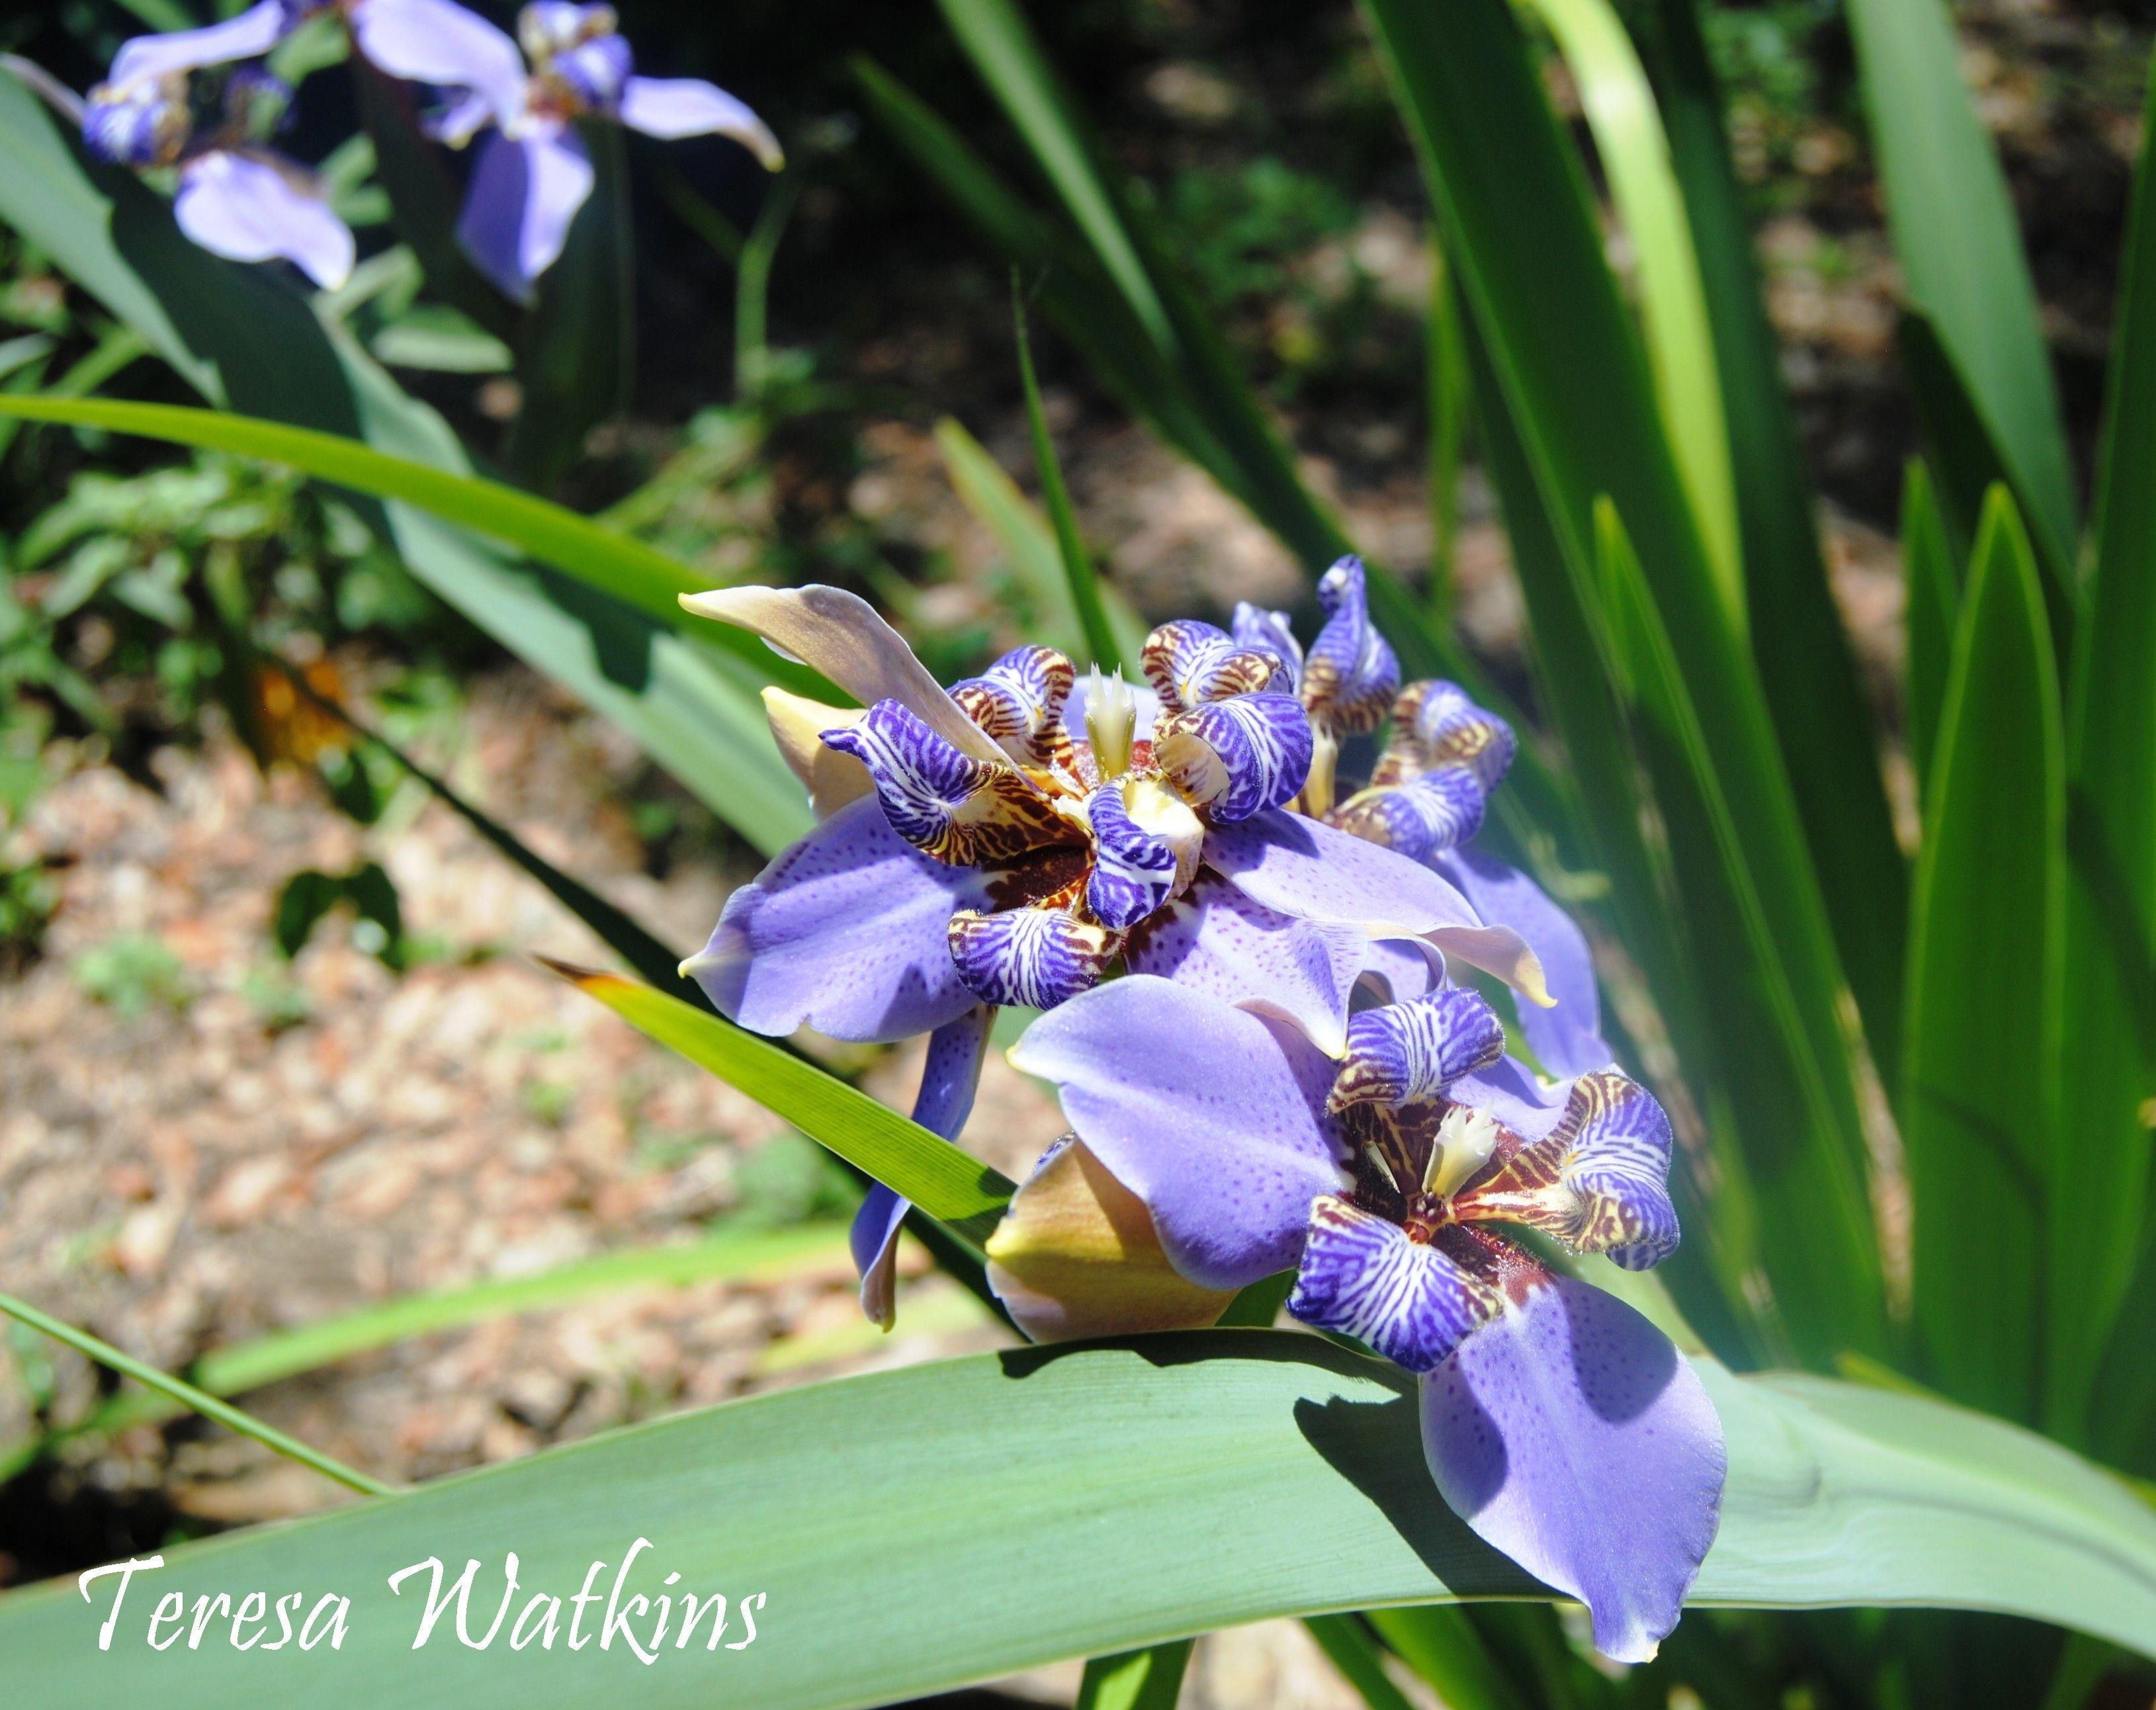 Blooming in my garden in june apostles iris walking iris flowers blooming in my garden in june apostles iris walking iris neomarica gracilis izmirmasajfo